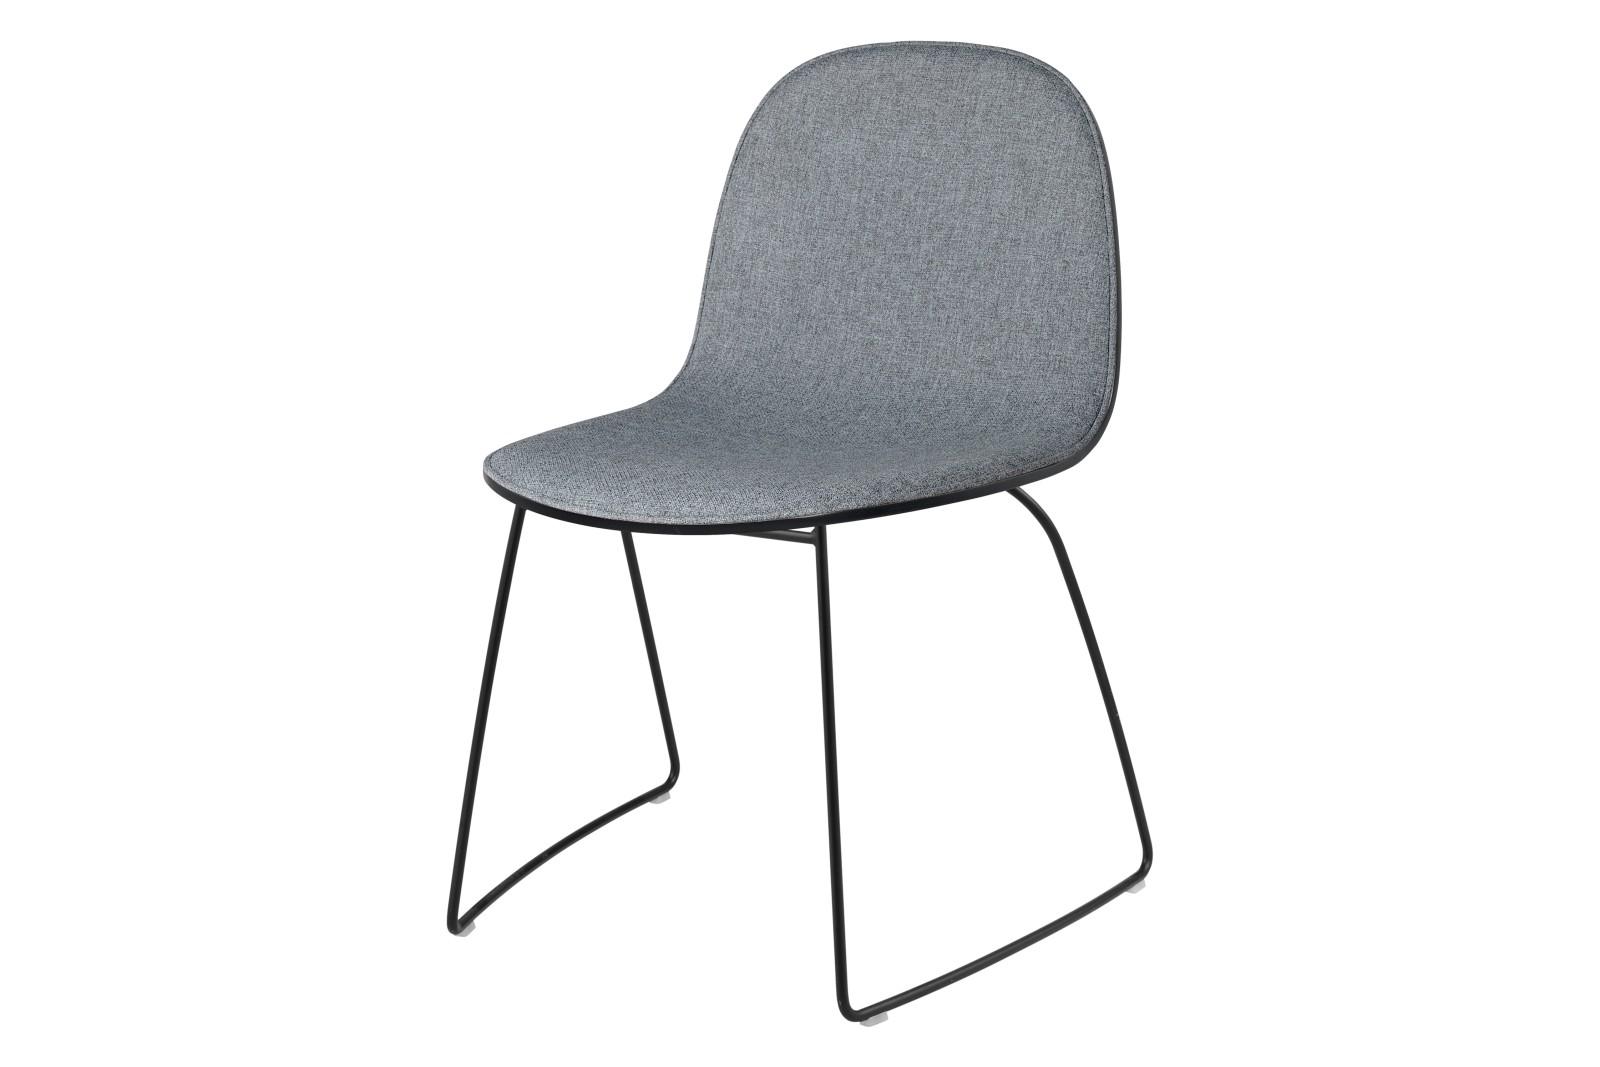 2D Dining Chair - Front Upholstered, Sledge base, Stackable Gubi Metal Black, Gubi Wood American Wal